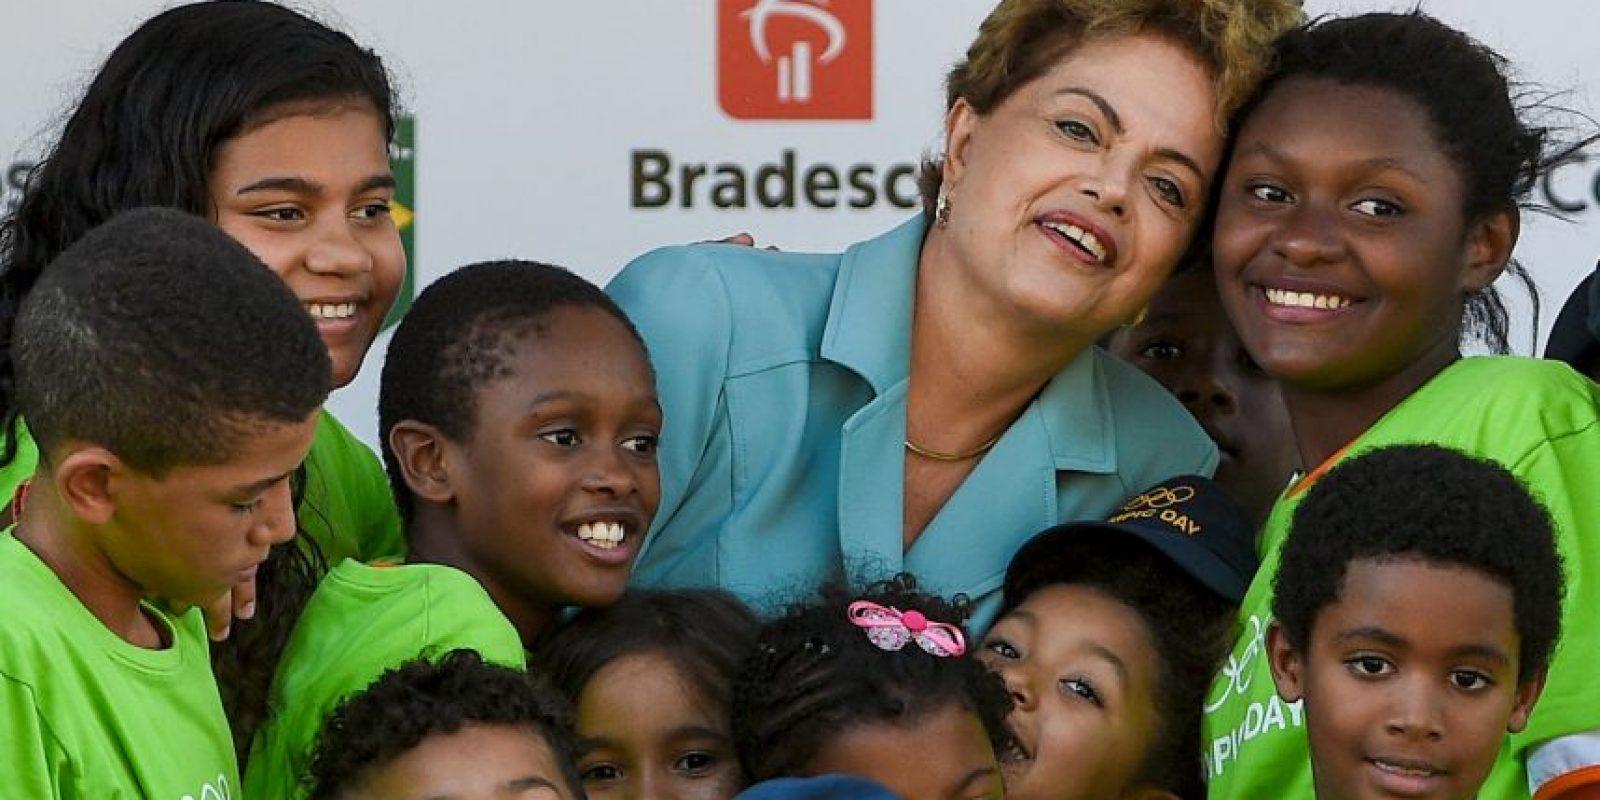 De acuerdo a una encuesta del Instituto Brasileño de Investigación, la presidenta es apoyada por 10 por ciento. Foto:Getty Images